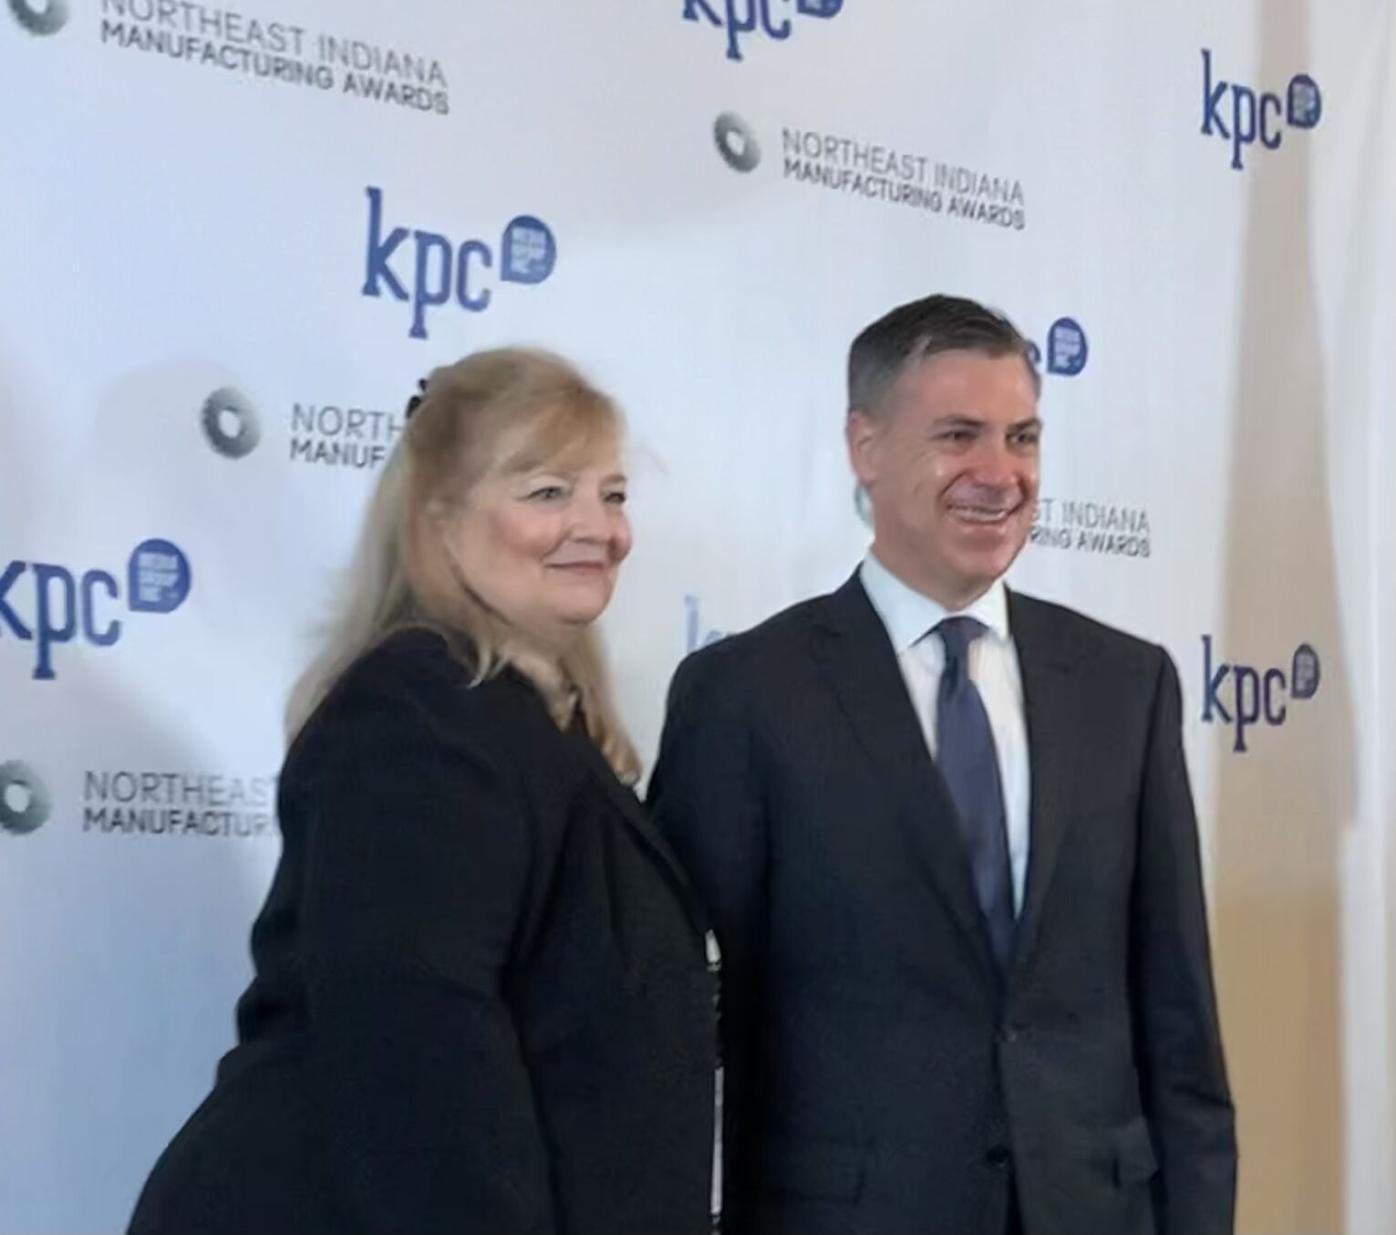 KPC CEO Lou Phelps and U.S. Rep. Jim Banks, R-3rd